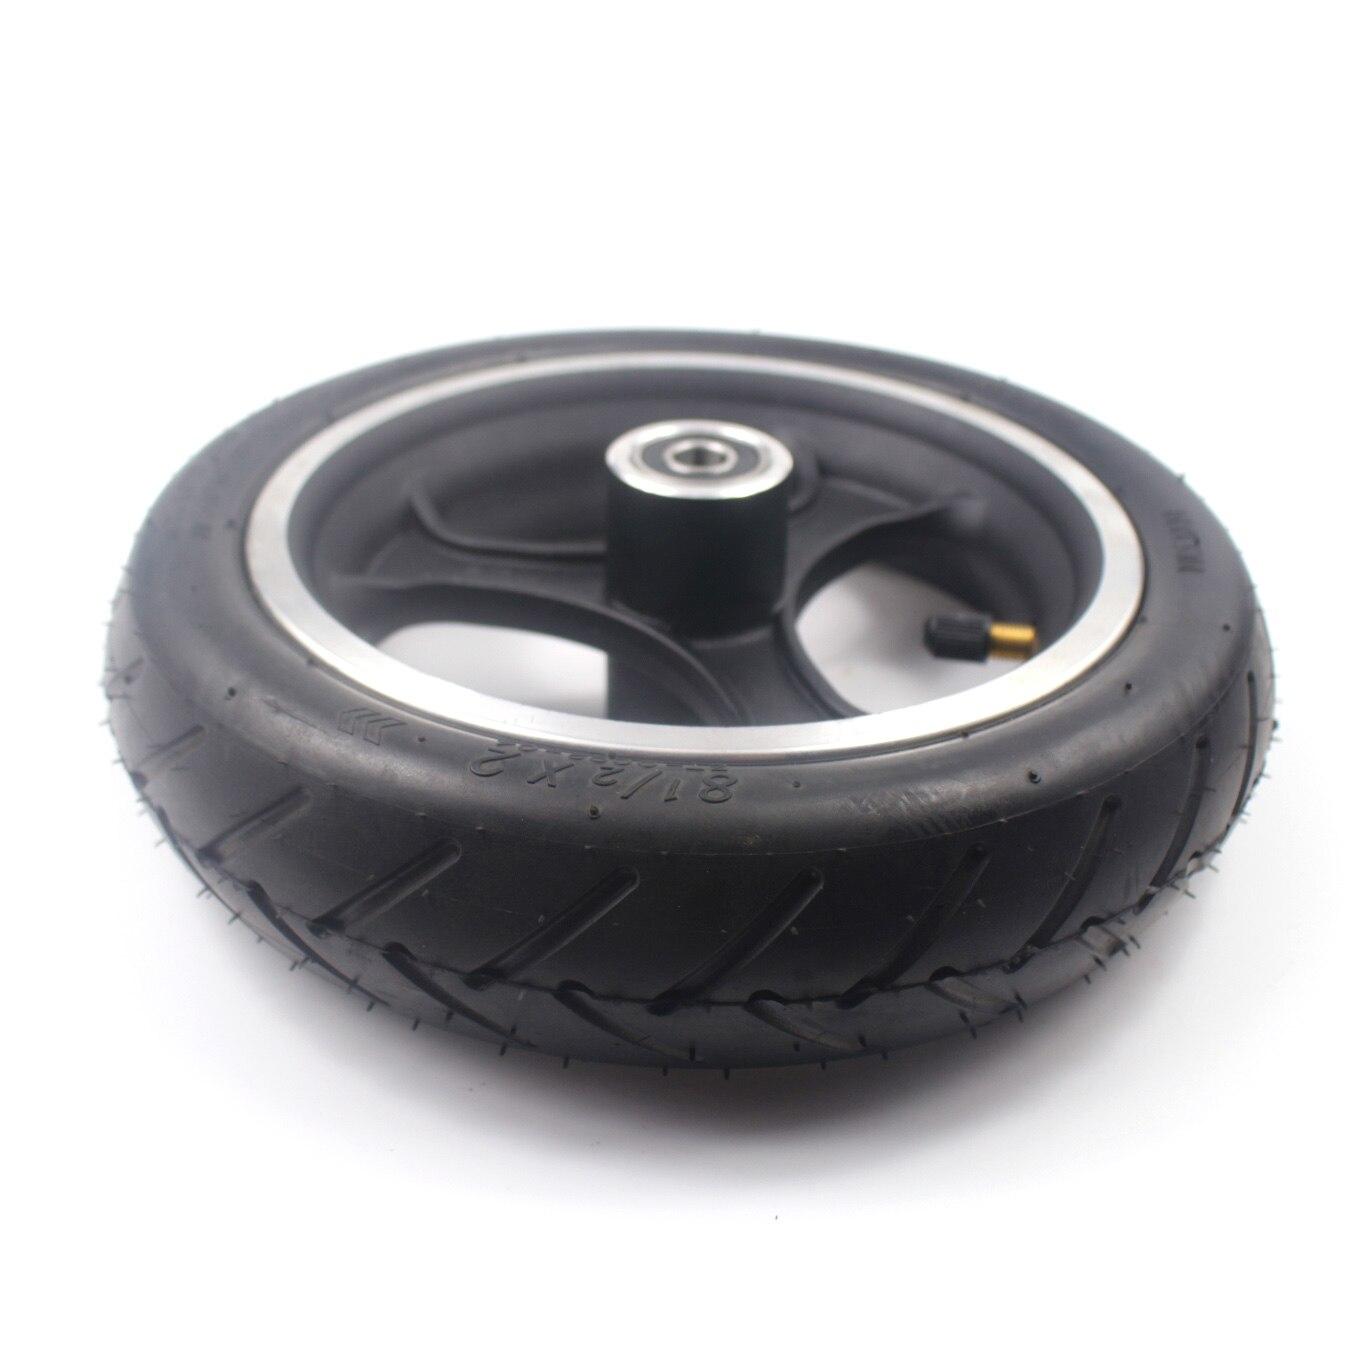 Llantas de tubo interior de neumático 8 1/2x2 (50-134) para patinete eléctrico INOKIM Night Series, llantas neumáticas de 8,5x2 pulgadas